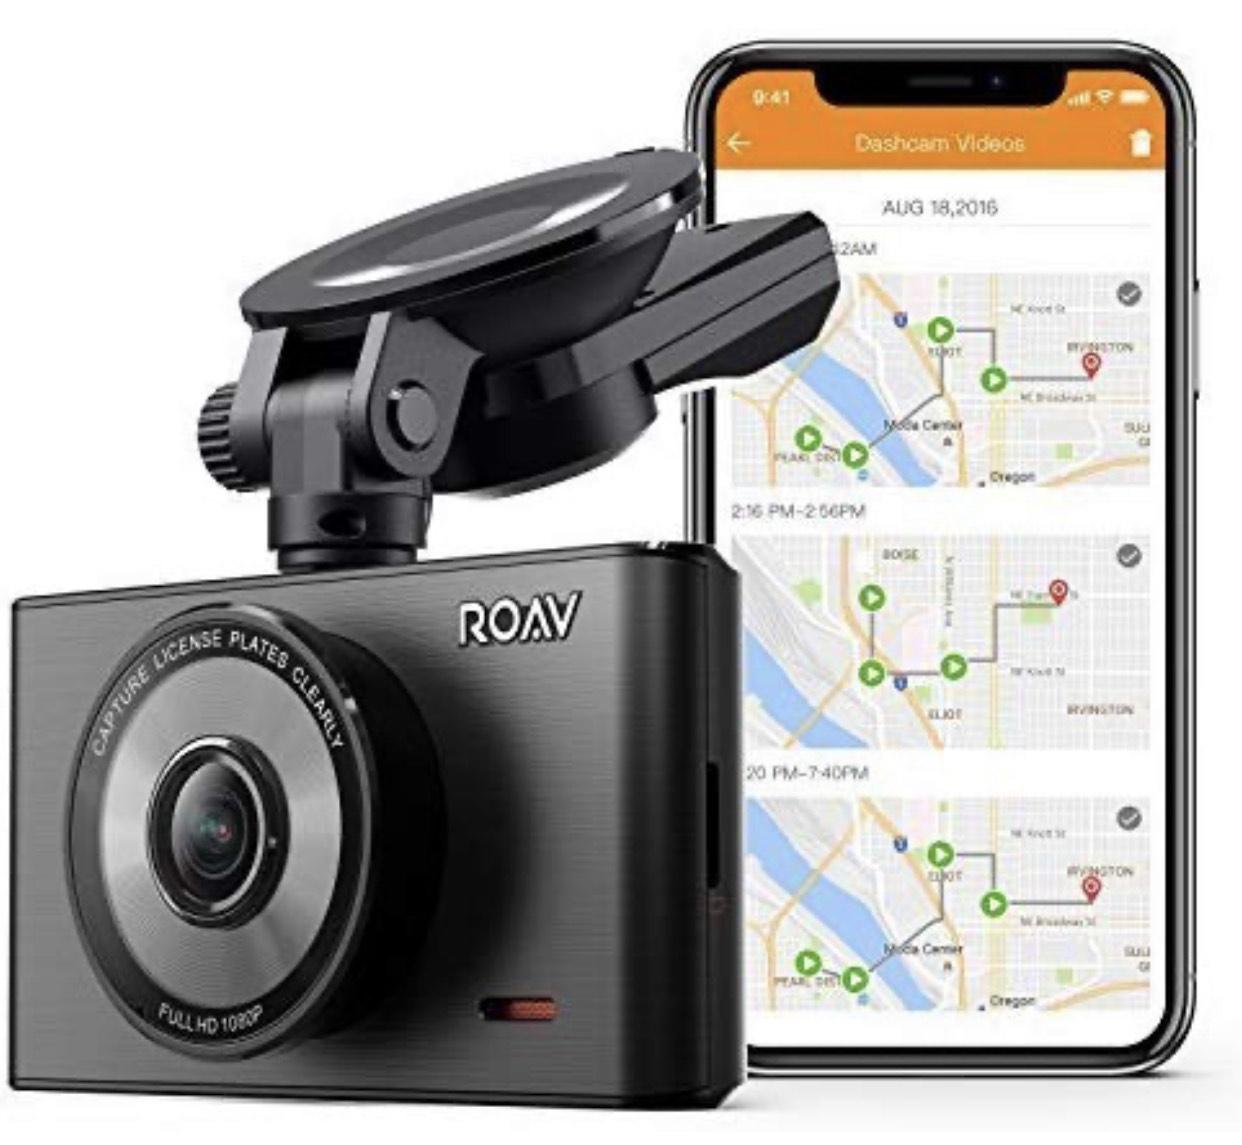 Roav DashCam C2 Pro, 1080p Auflösung